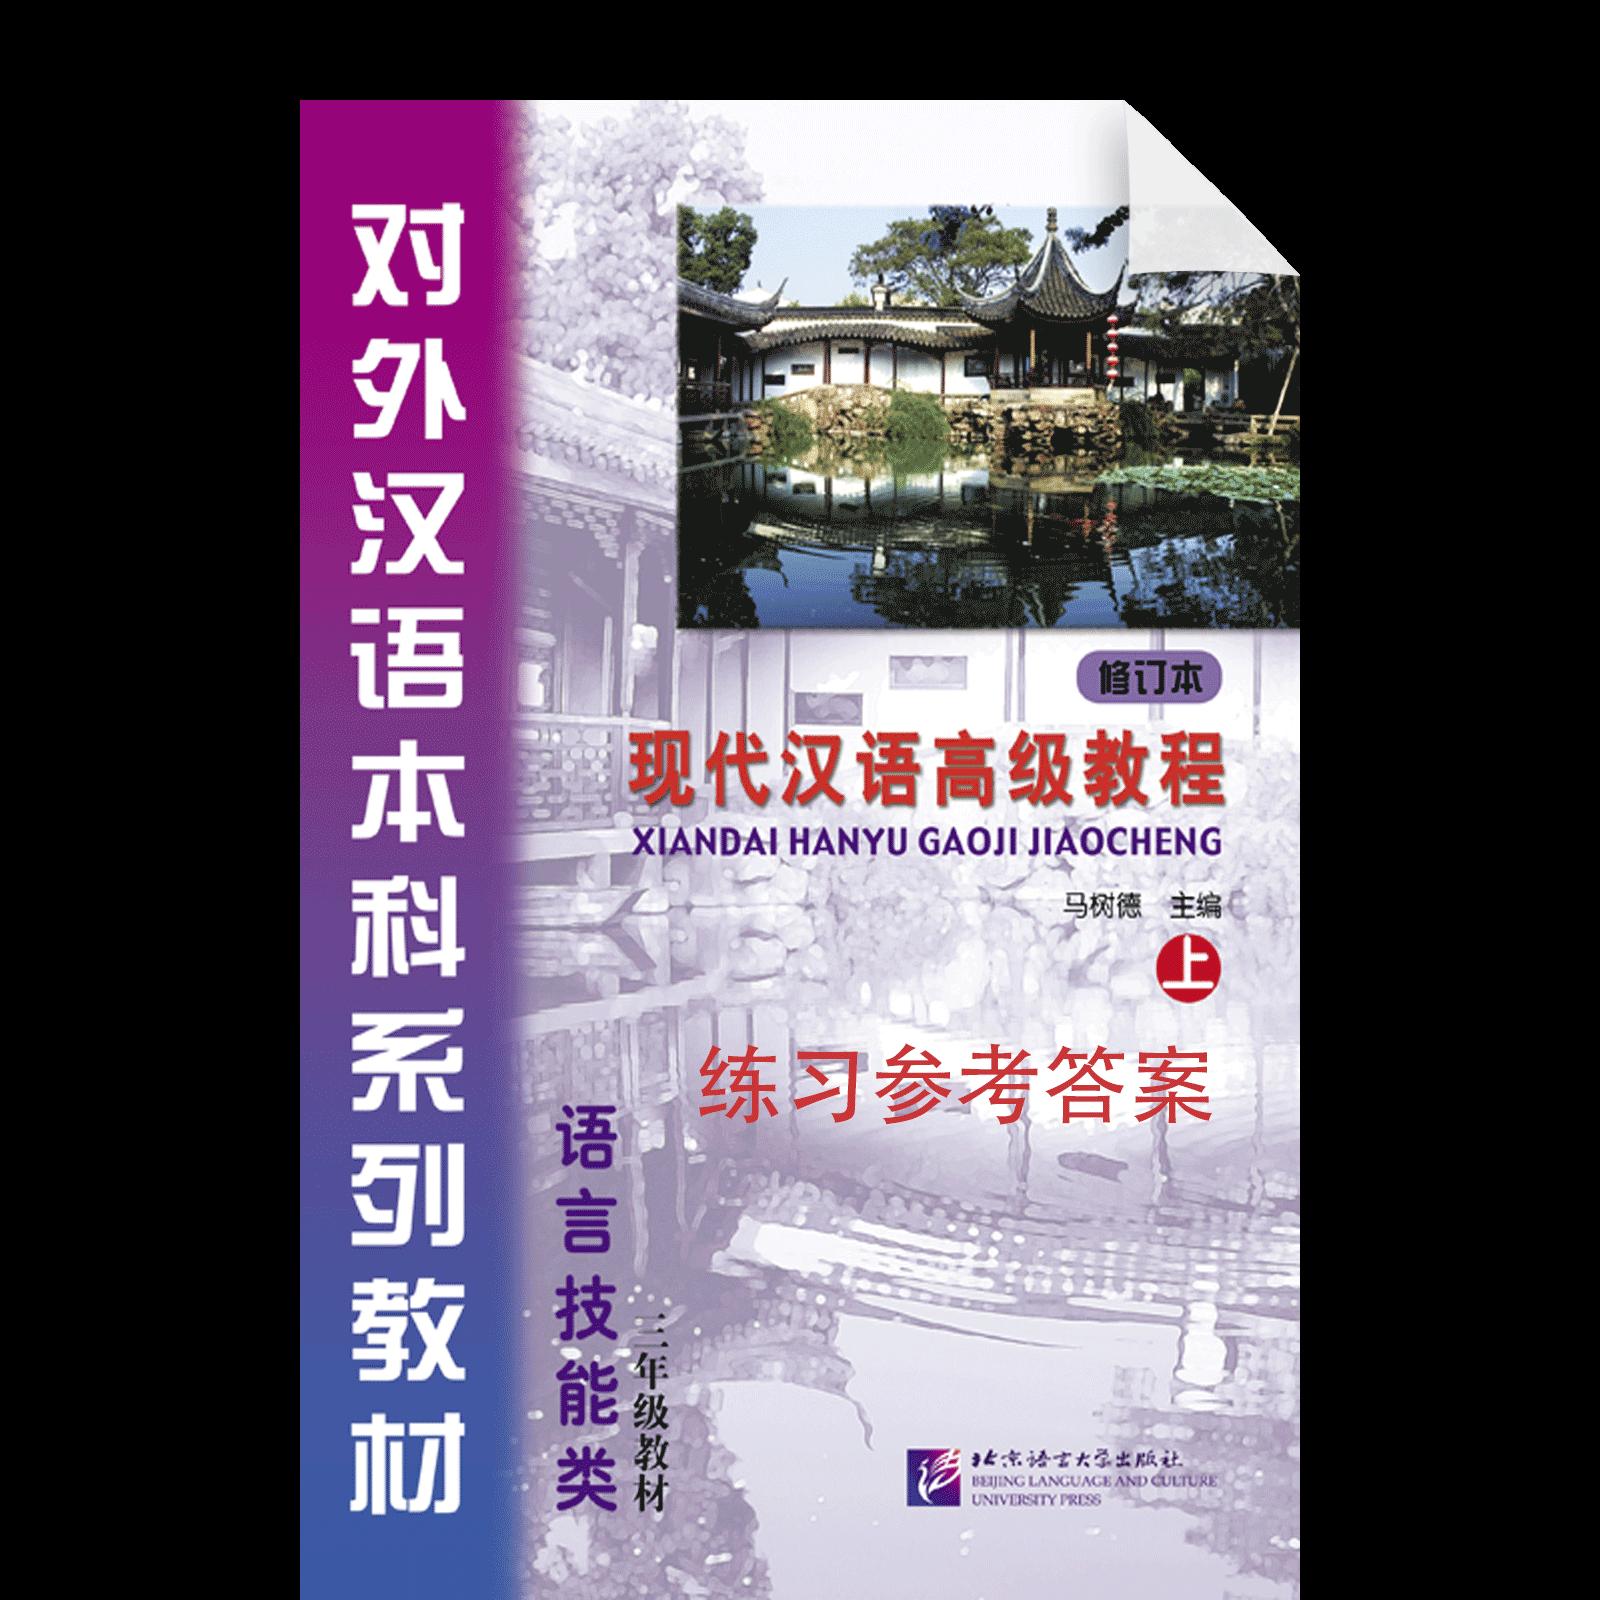 Xiandai Hanyu Gaoji Jiaocheng Xiudingban 3Nianji1 Lianxi Cankao Daan